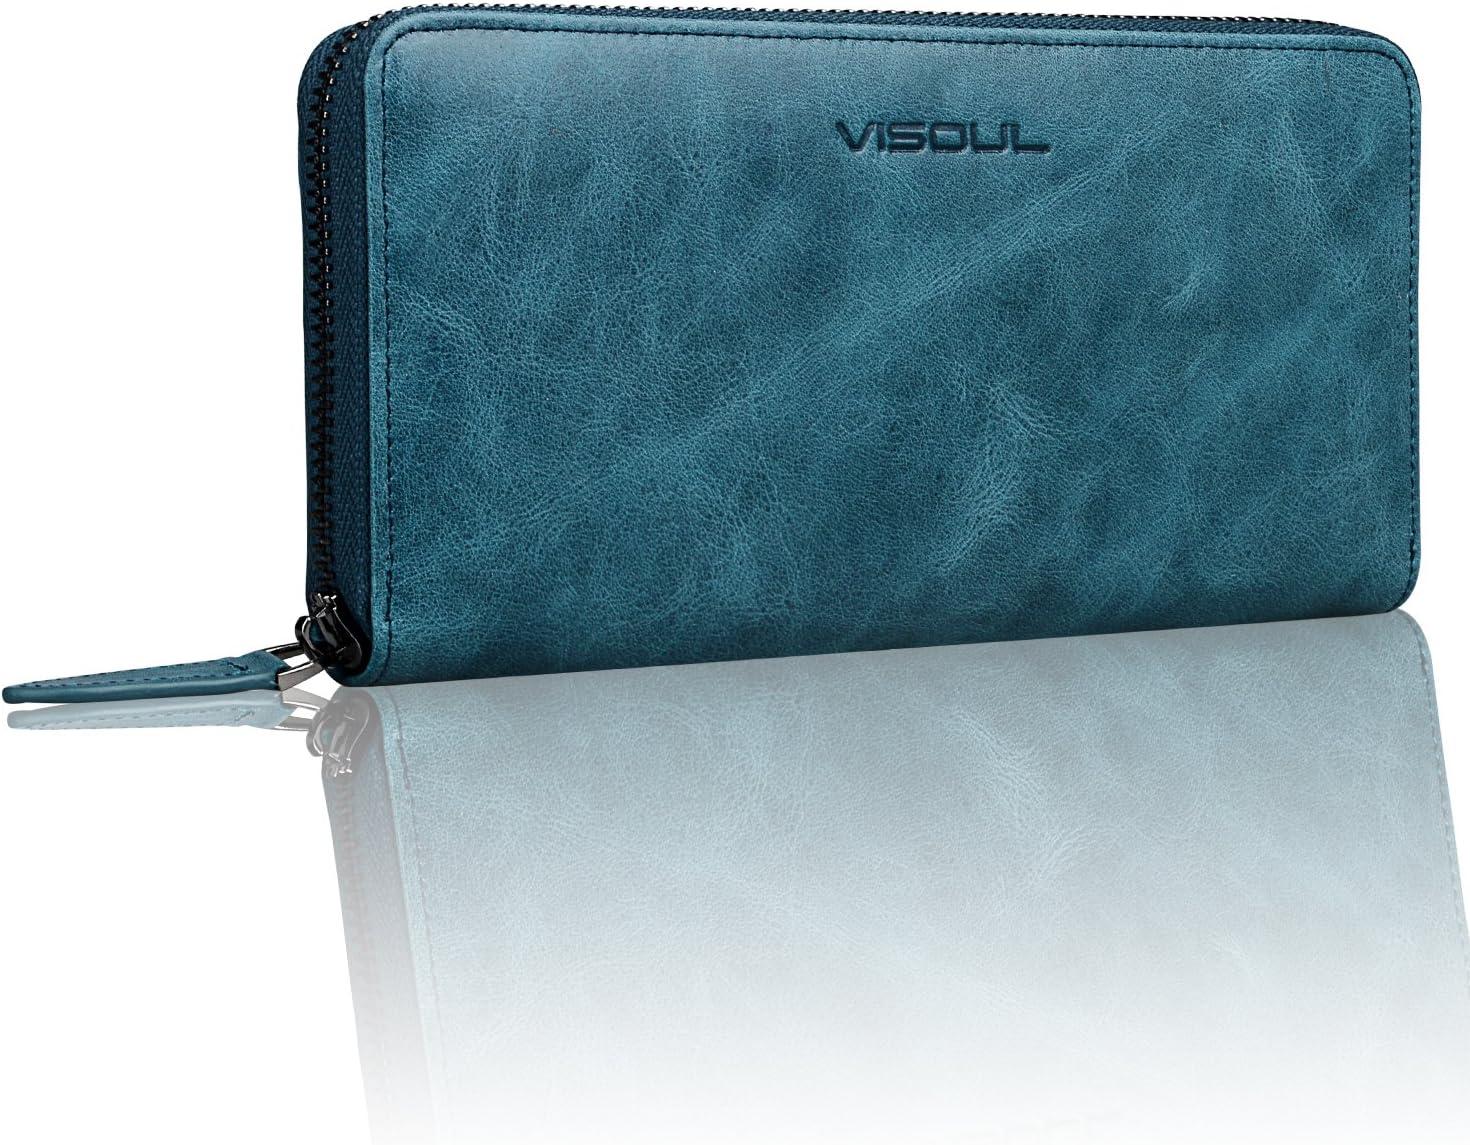 VISOUL Wallet Black02